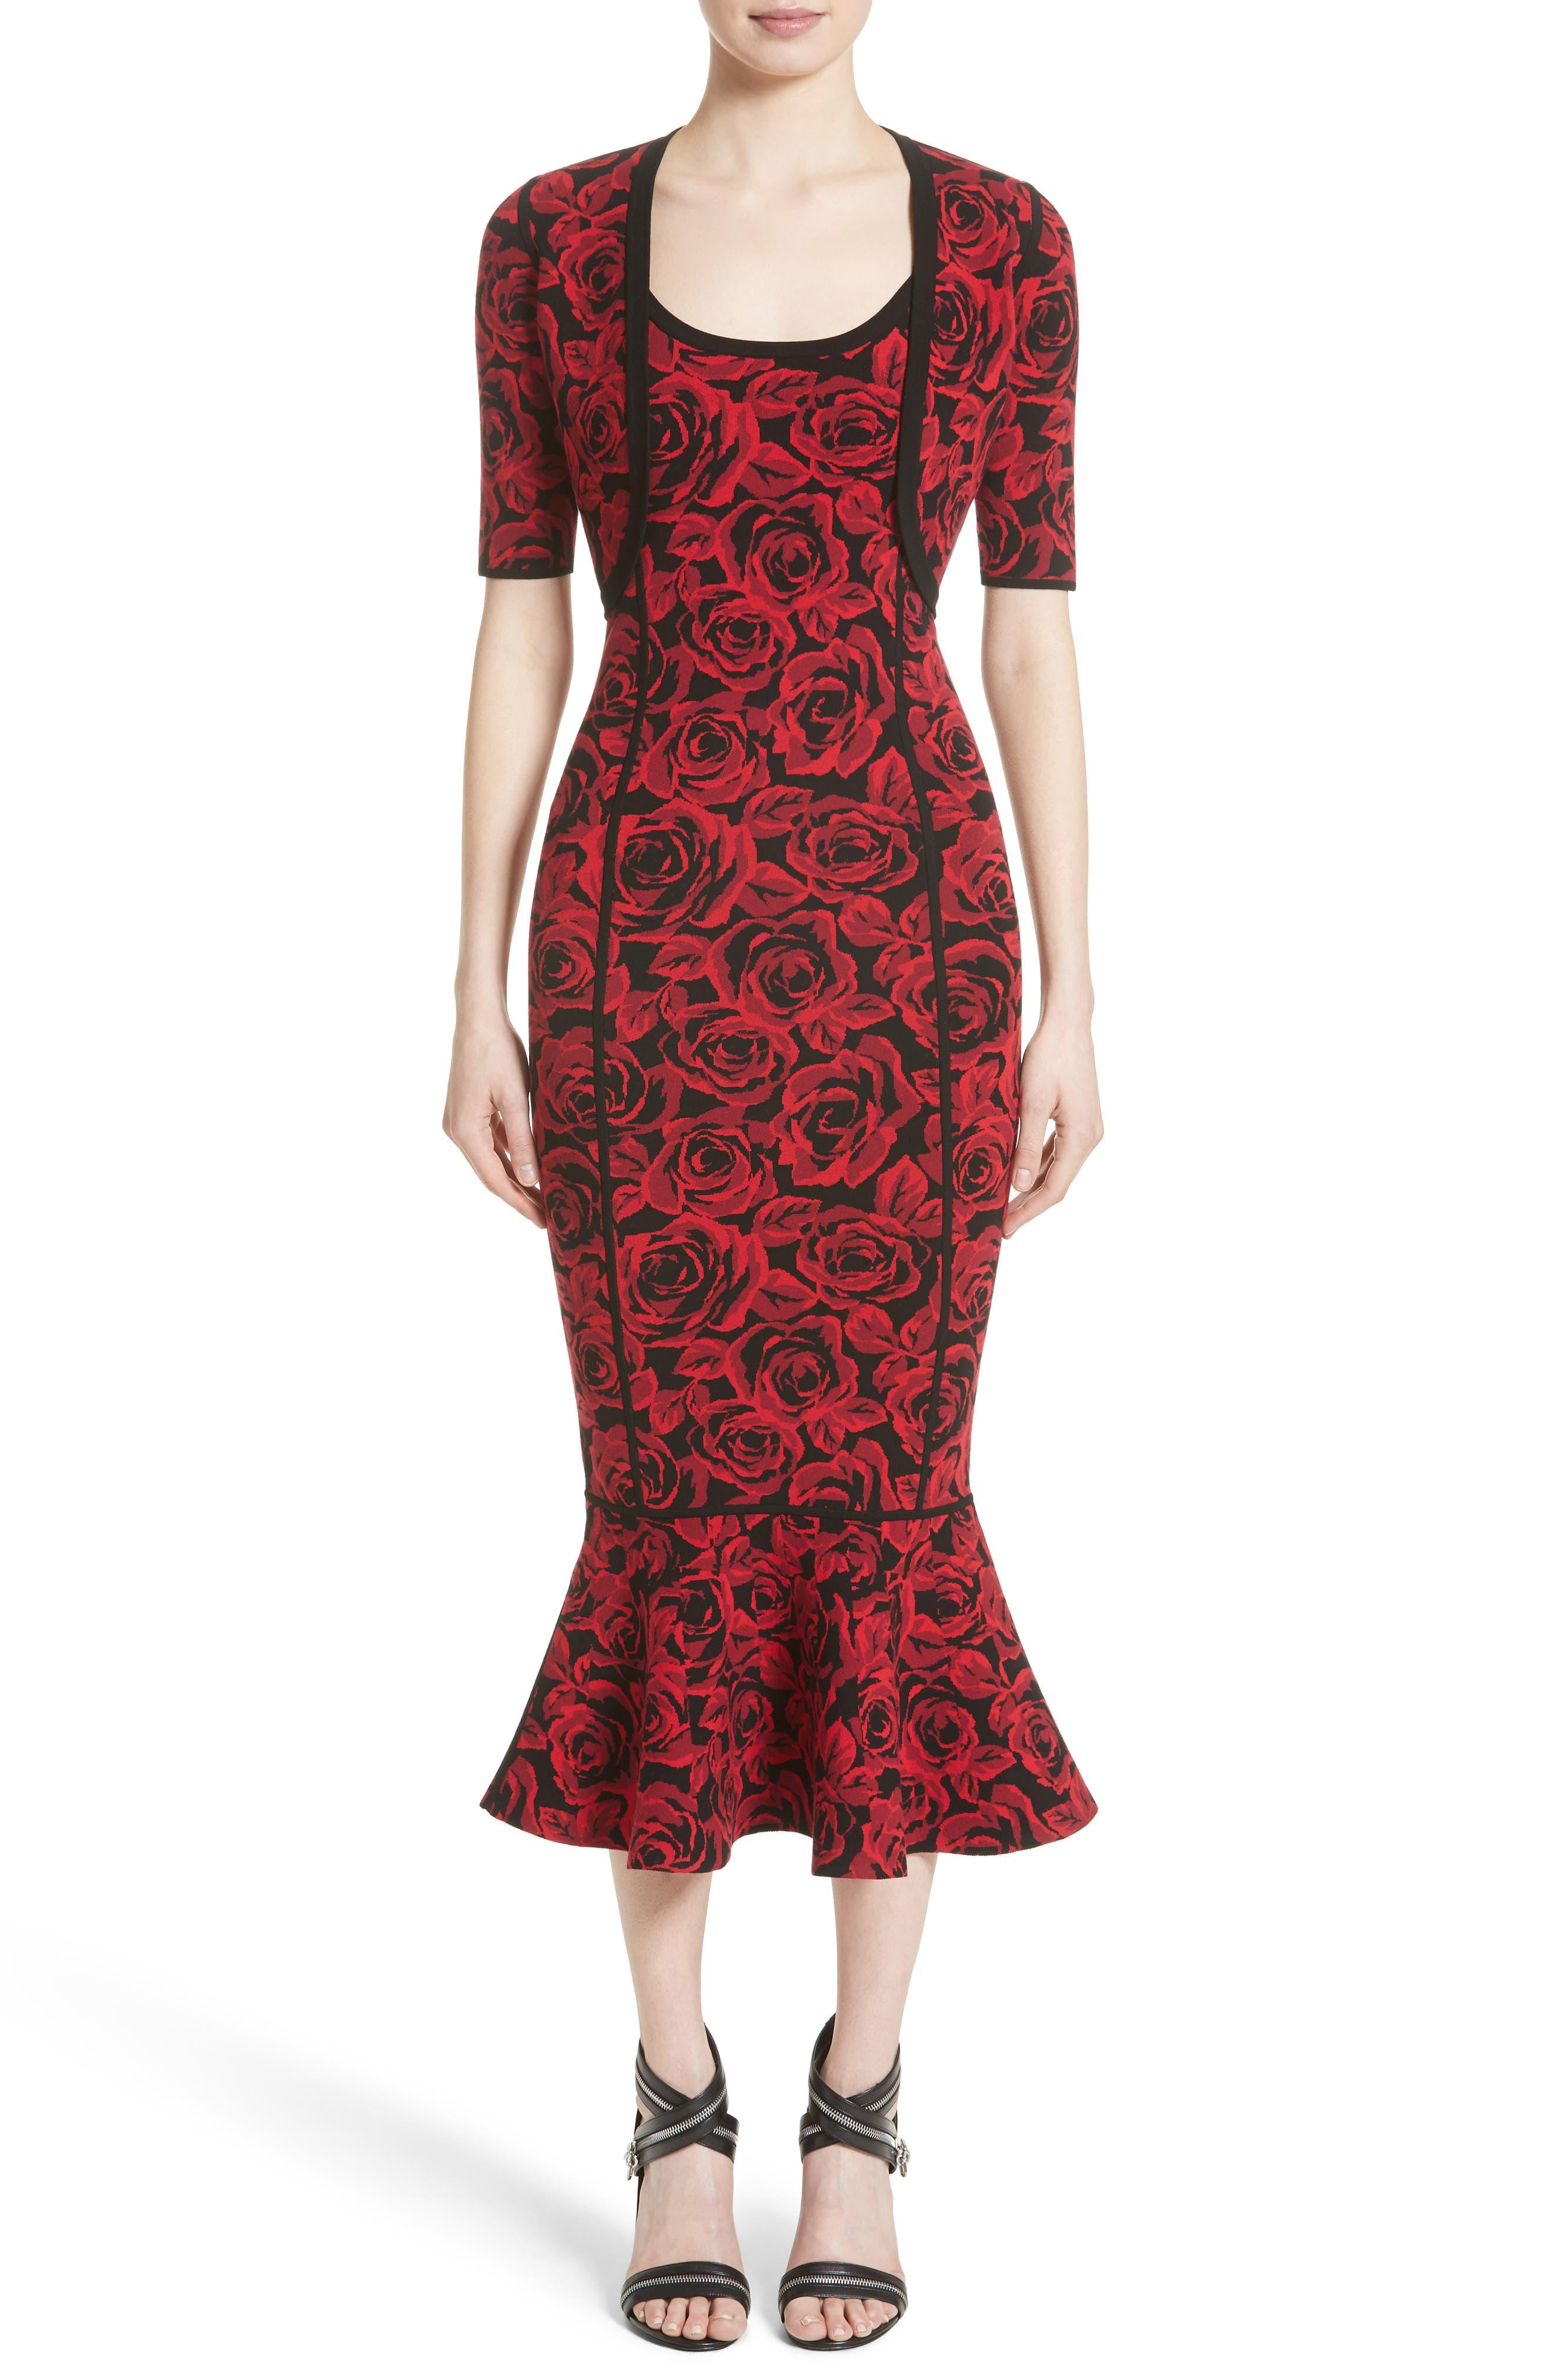 Stretch Rose Jacquard Tank Dress,                             Alternate thumbnail 7, color,                             Crimson/ Black